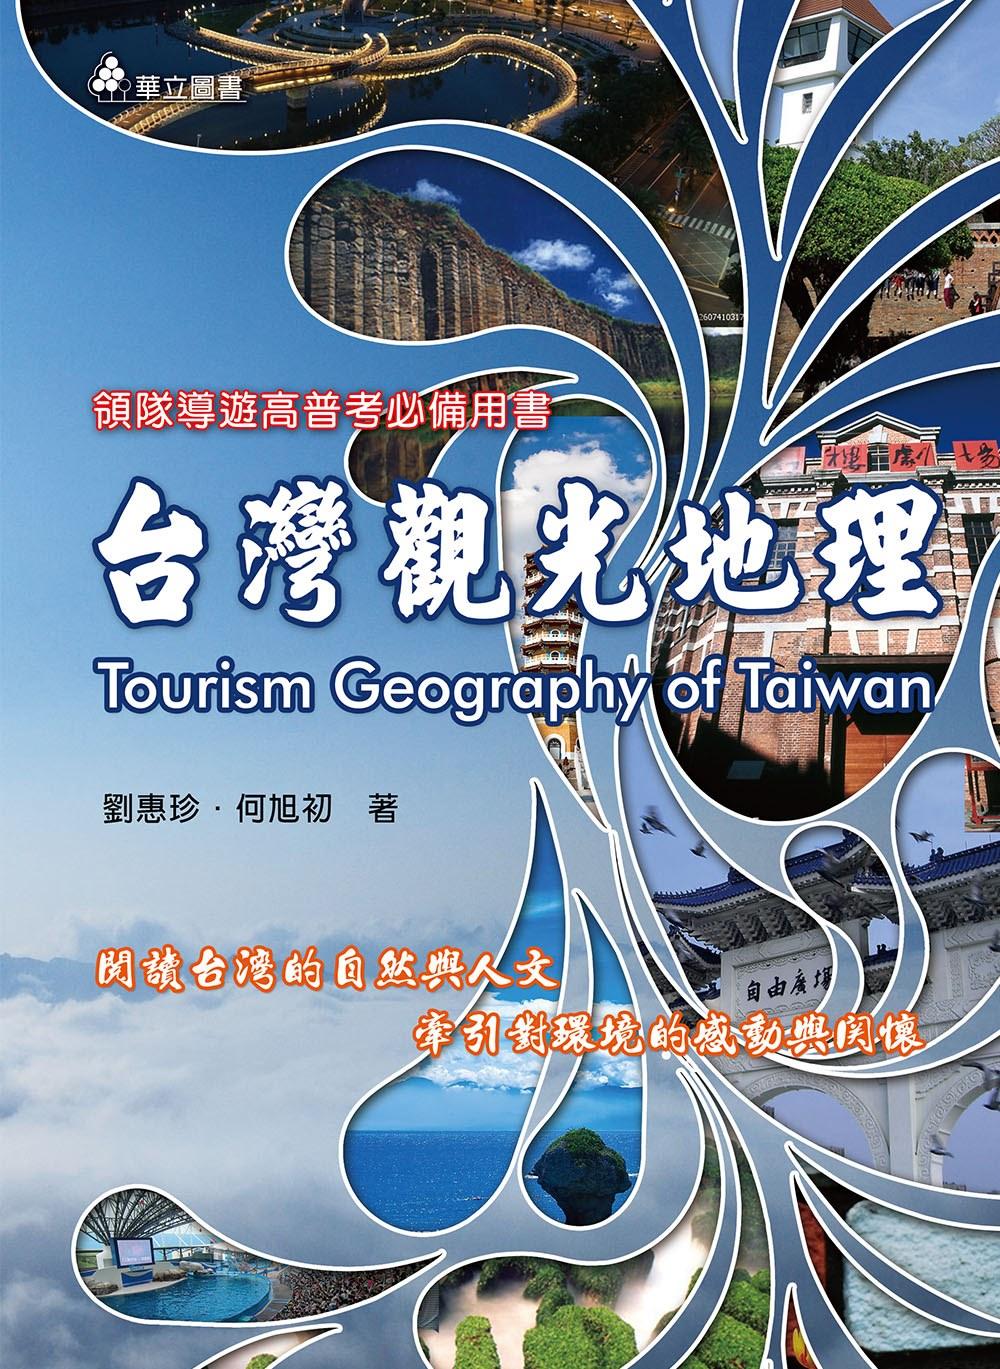 台灣觀光地理:閱讀台灣的自然與人文,牽引對環境的感動與關懷(五版)